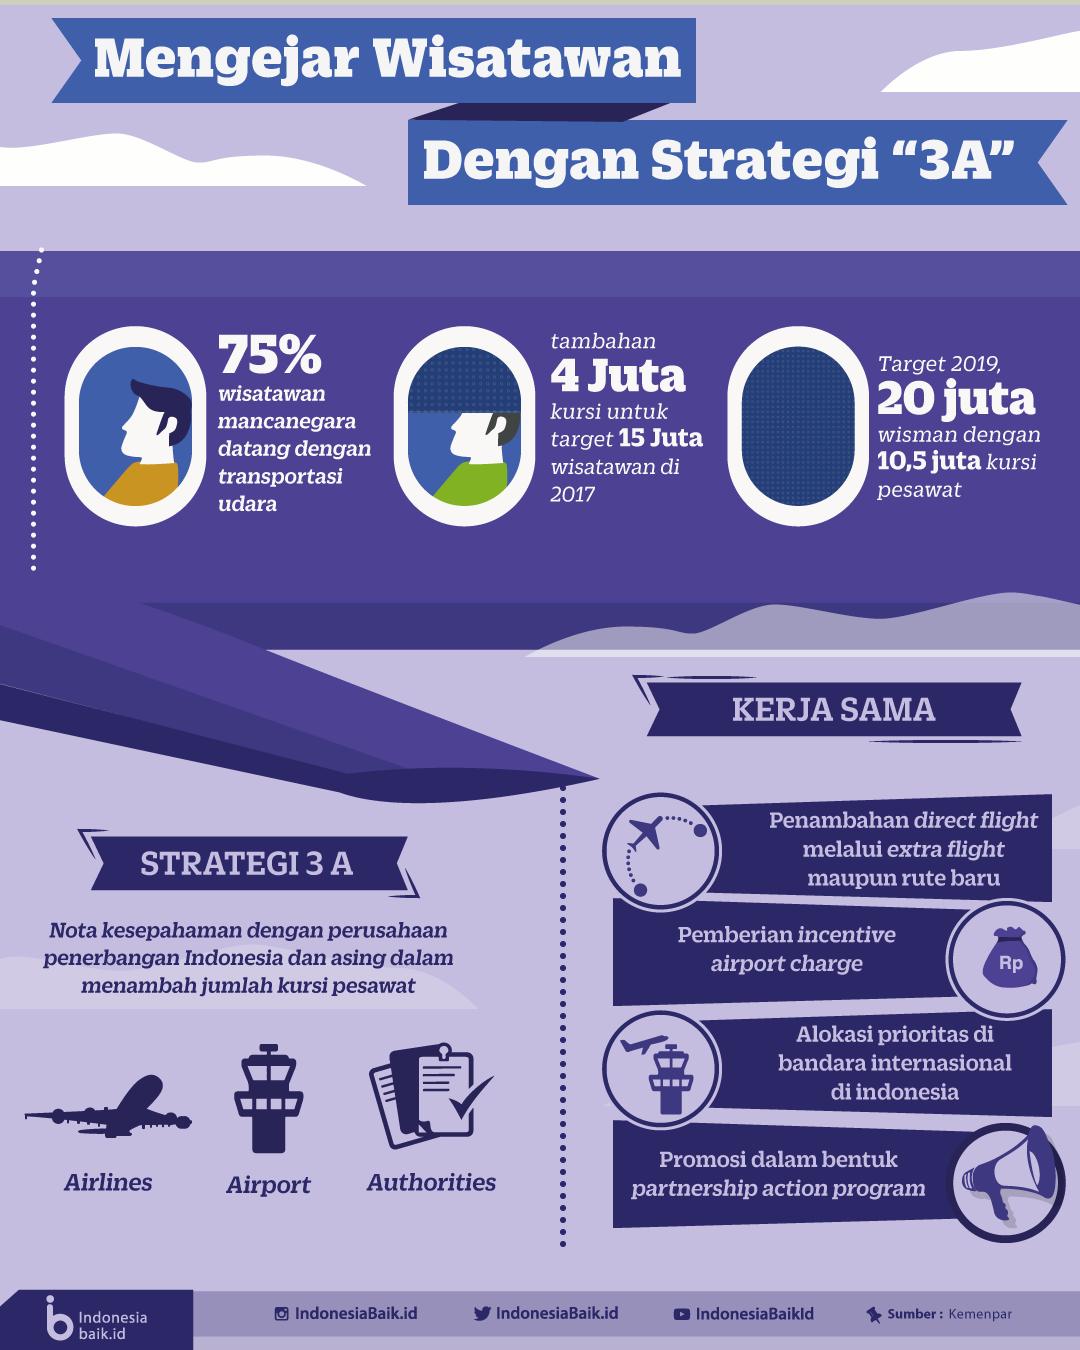 Mengejar Wisatawan dengan Strategi 9A  Indonesia Baik